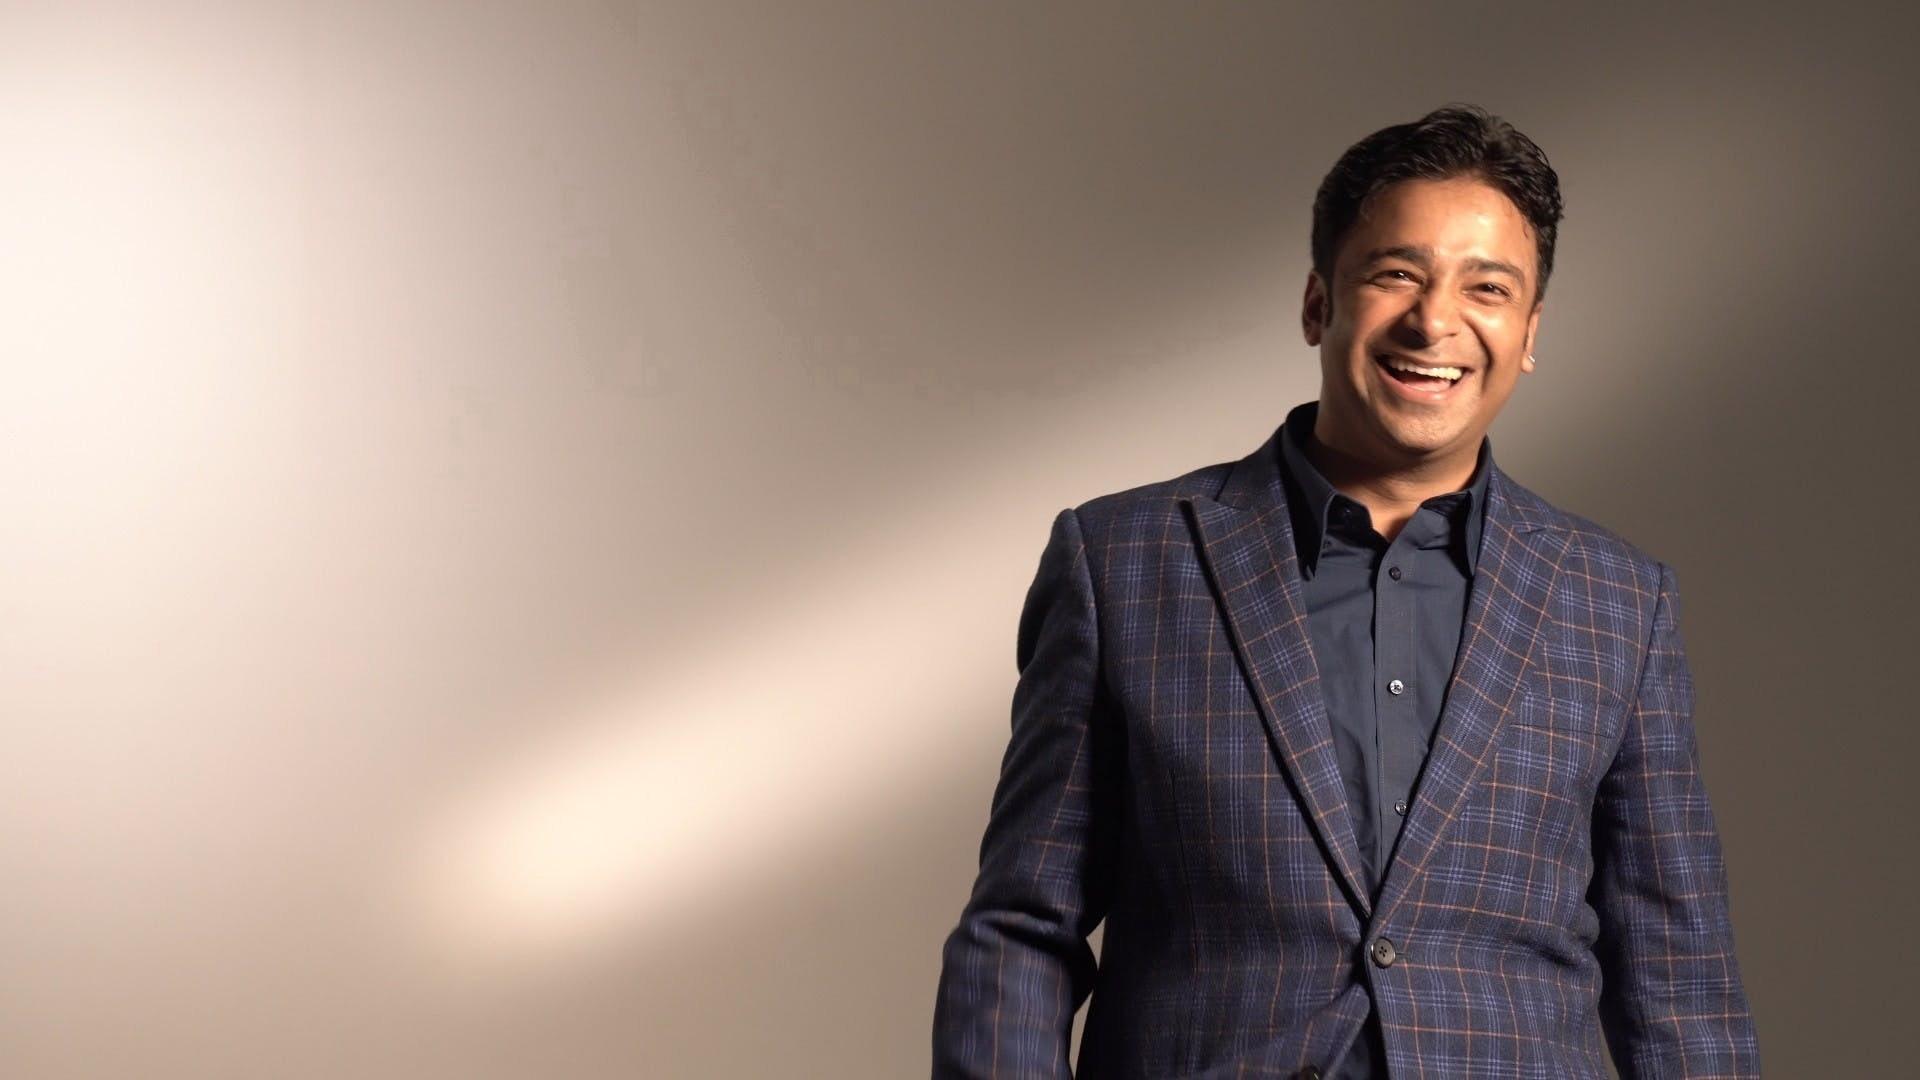 印度裔的陳振華在香港當了11年演員。(資料圖片)